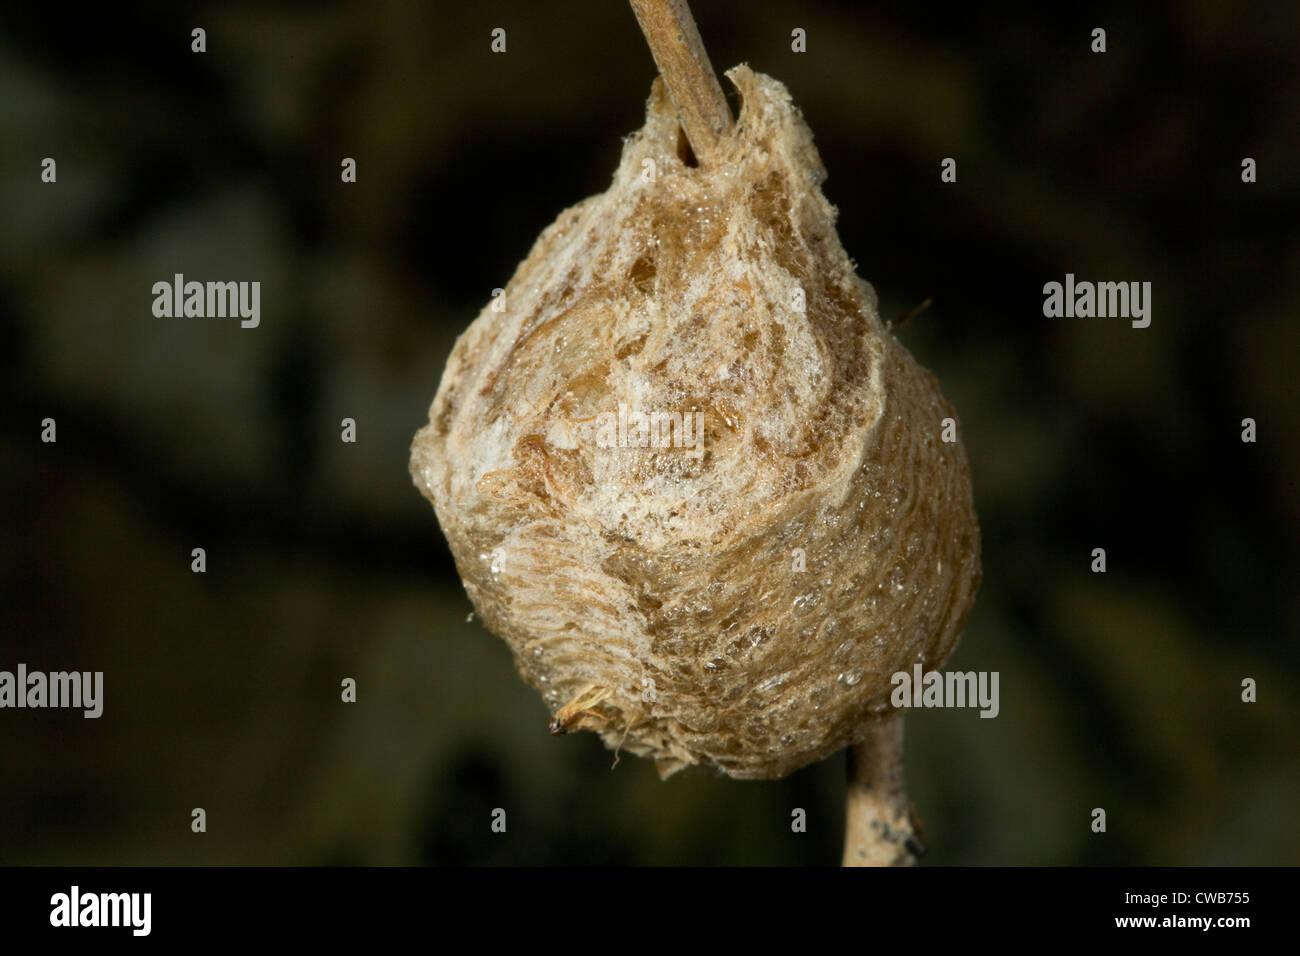 Die Ei-Sac von einer Gottesanbeterin Mantis religiosa Stockbild